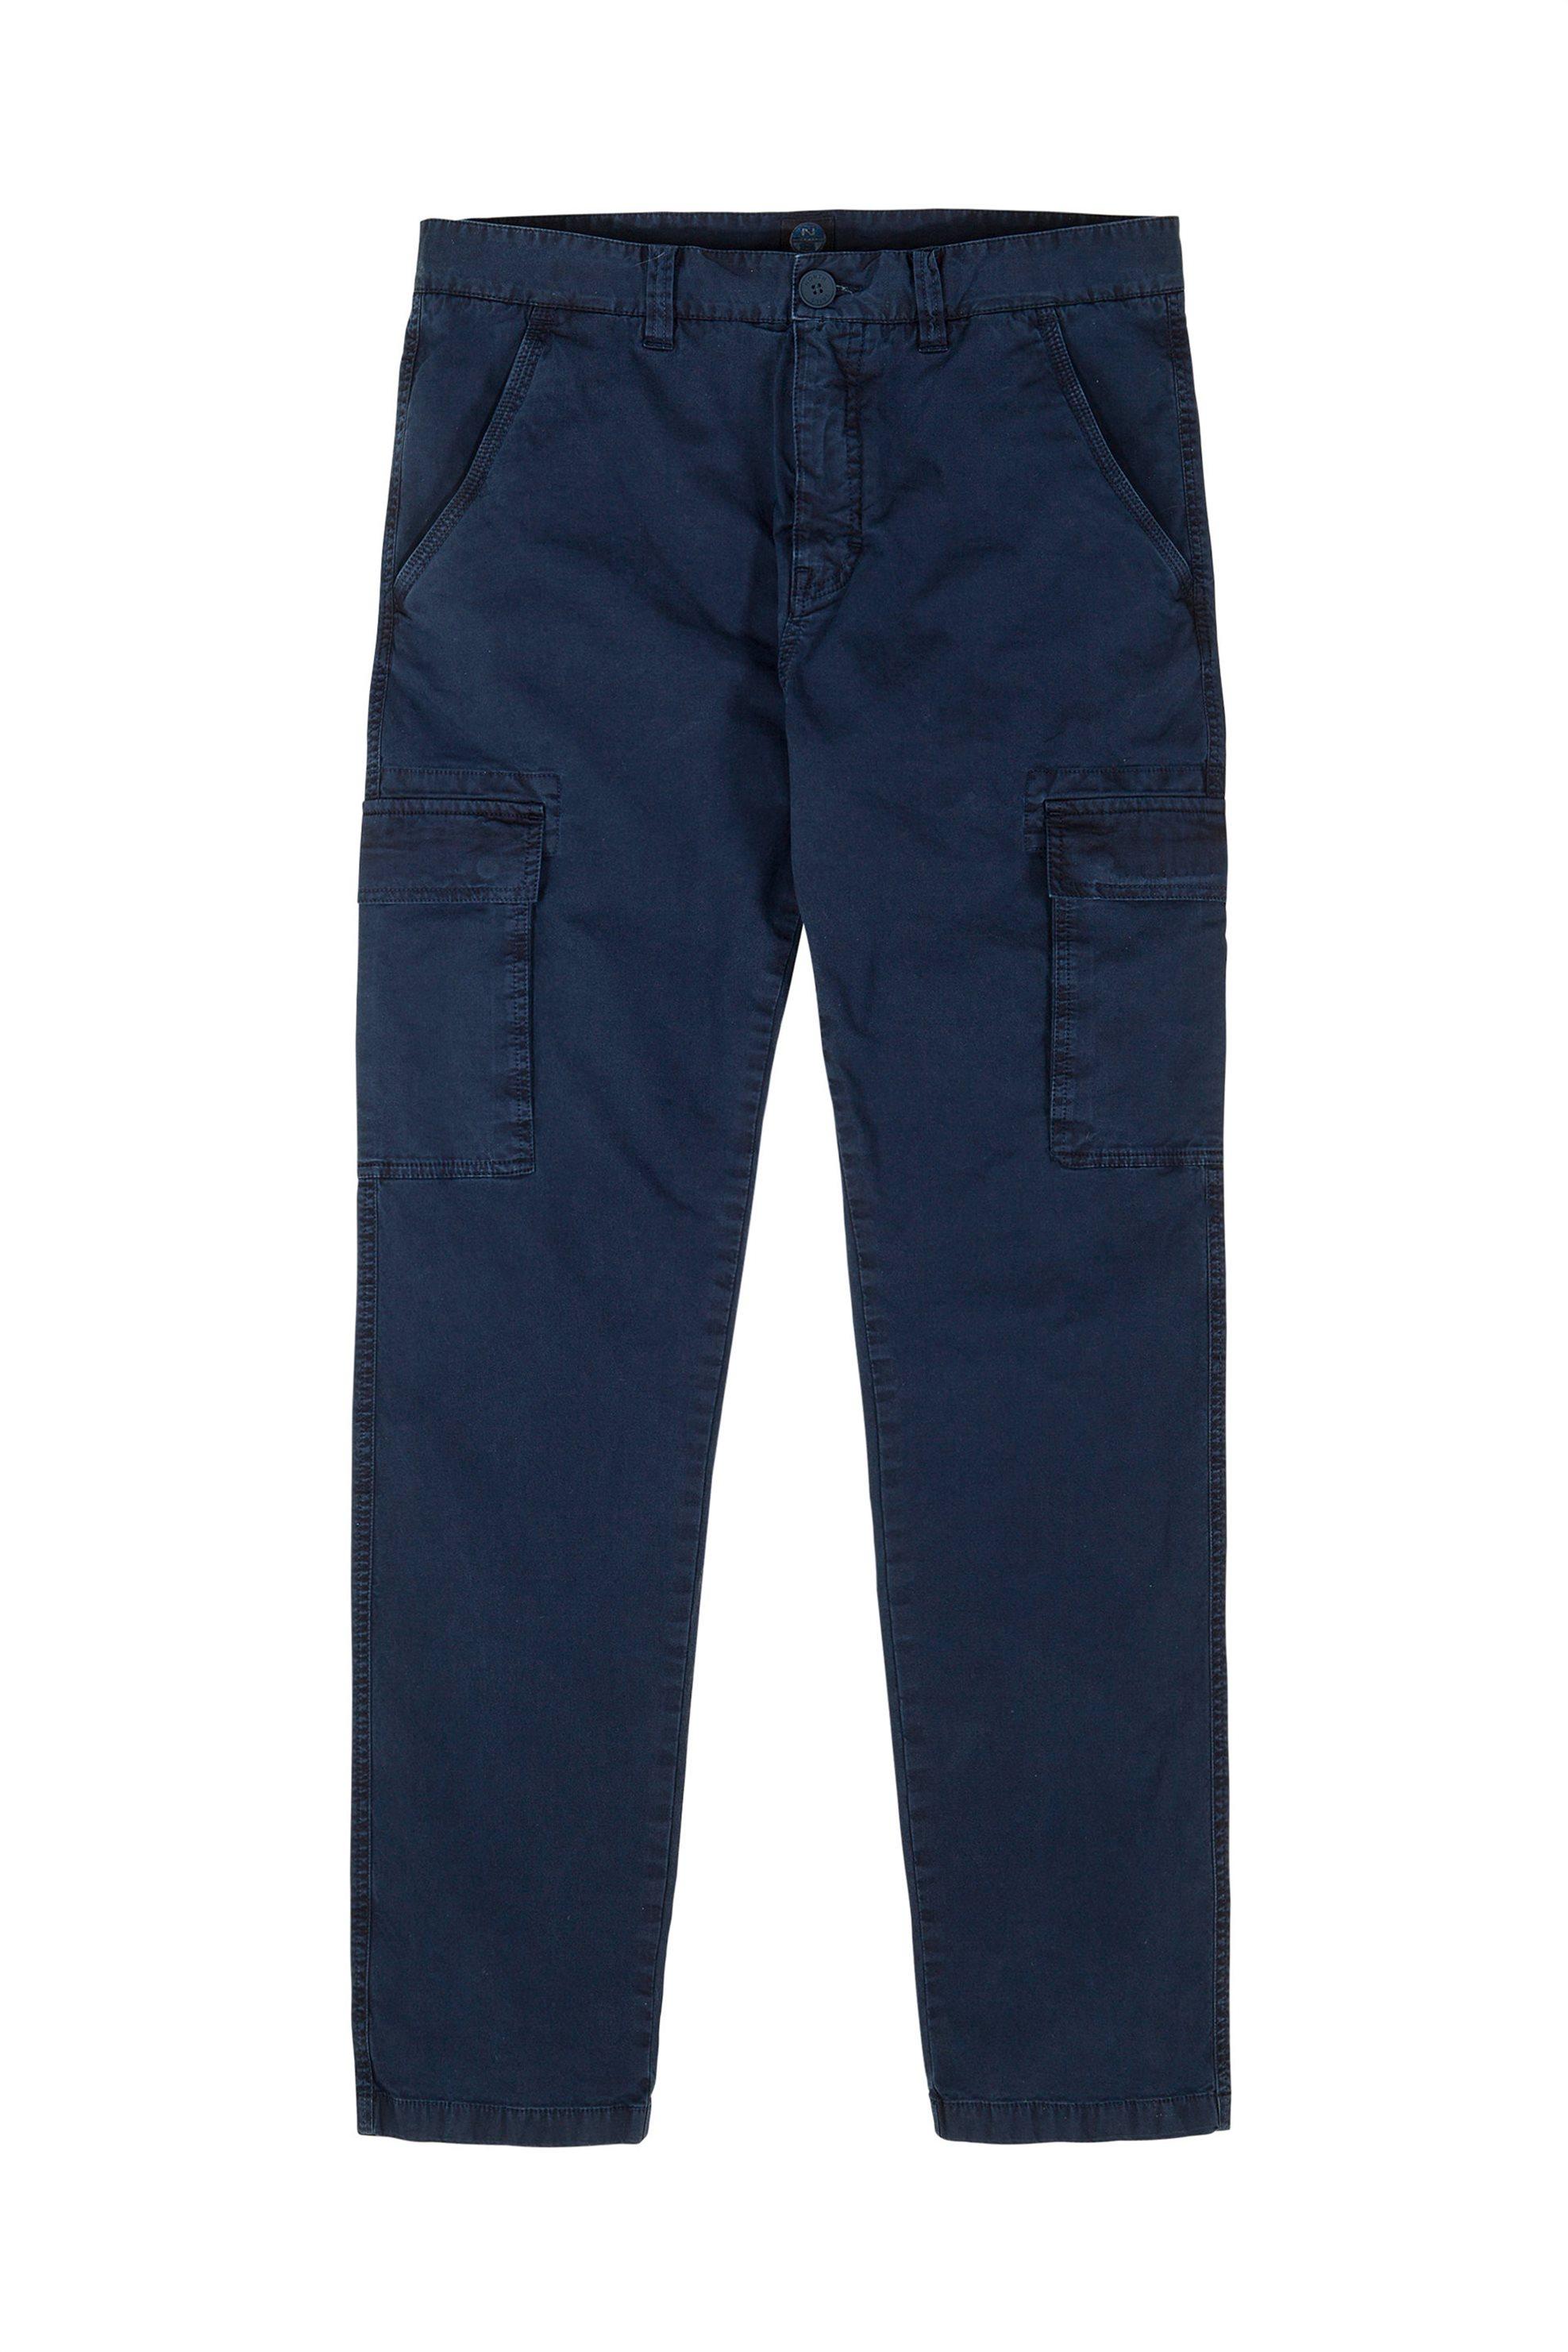 Ανδρικό παντελόνι cargo Lowell North Sails - 2667M-** - Μπλε Σκούρο ανδρασ   ρουχα   παντελόνια   cargo